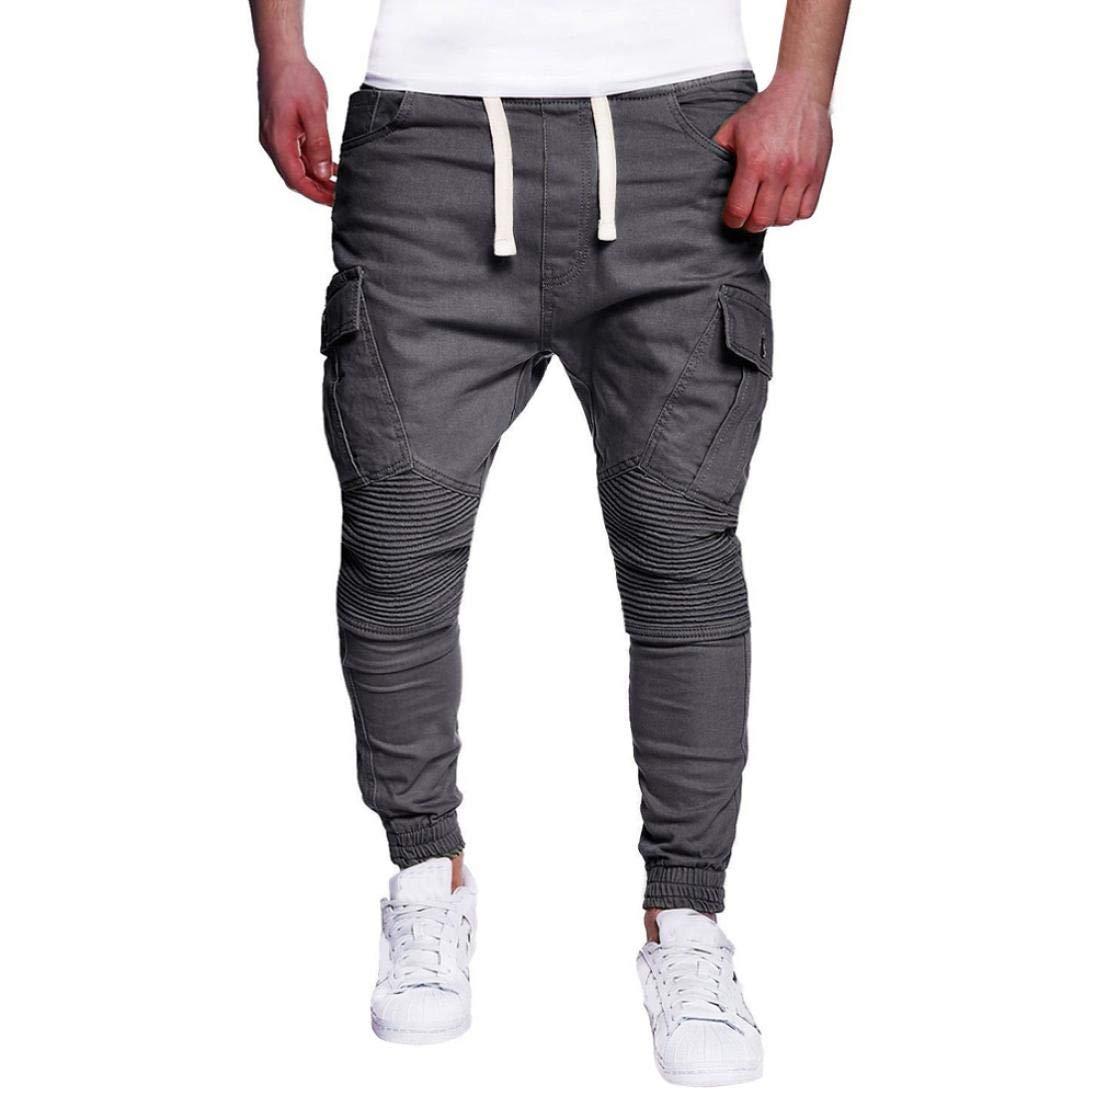 Pervobs Mens Pant PANTS メンズ B07G751W9S グレー X-Large